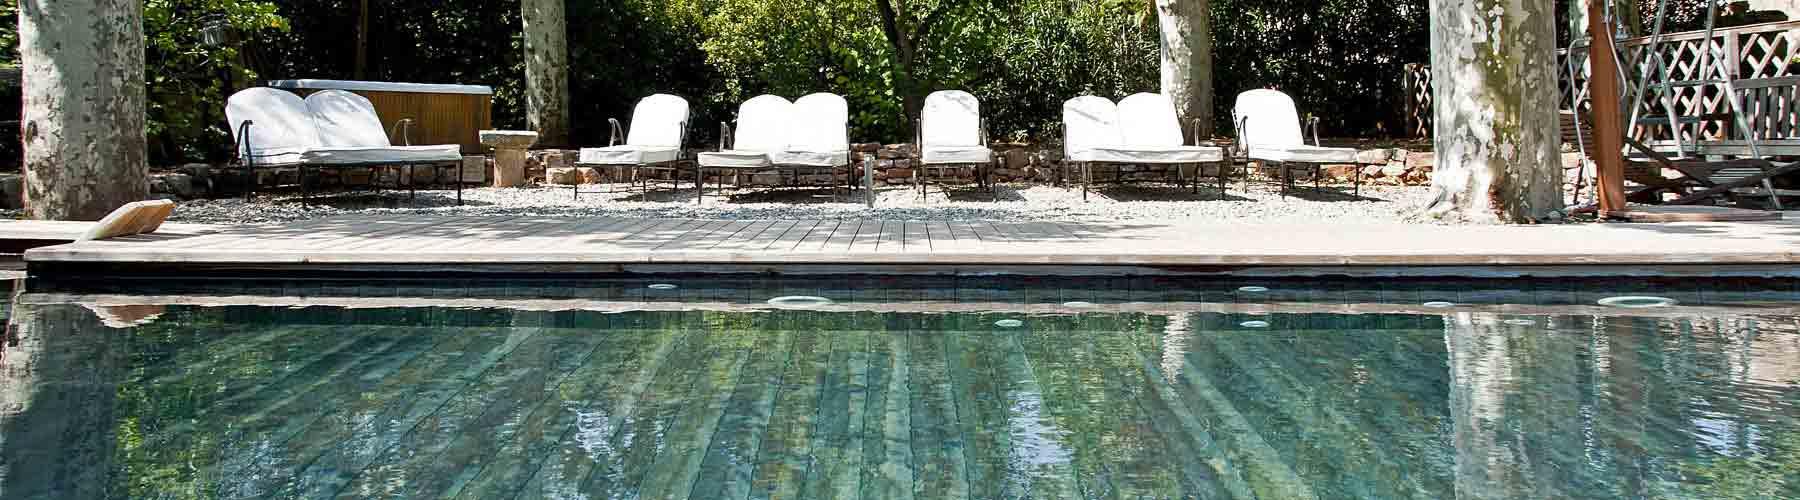 Chambre d 39 h te var provence piscine chauff e int rieure - Chambre d hote piscine chauffee ...